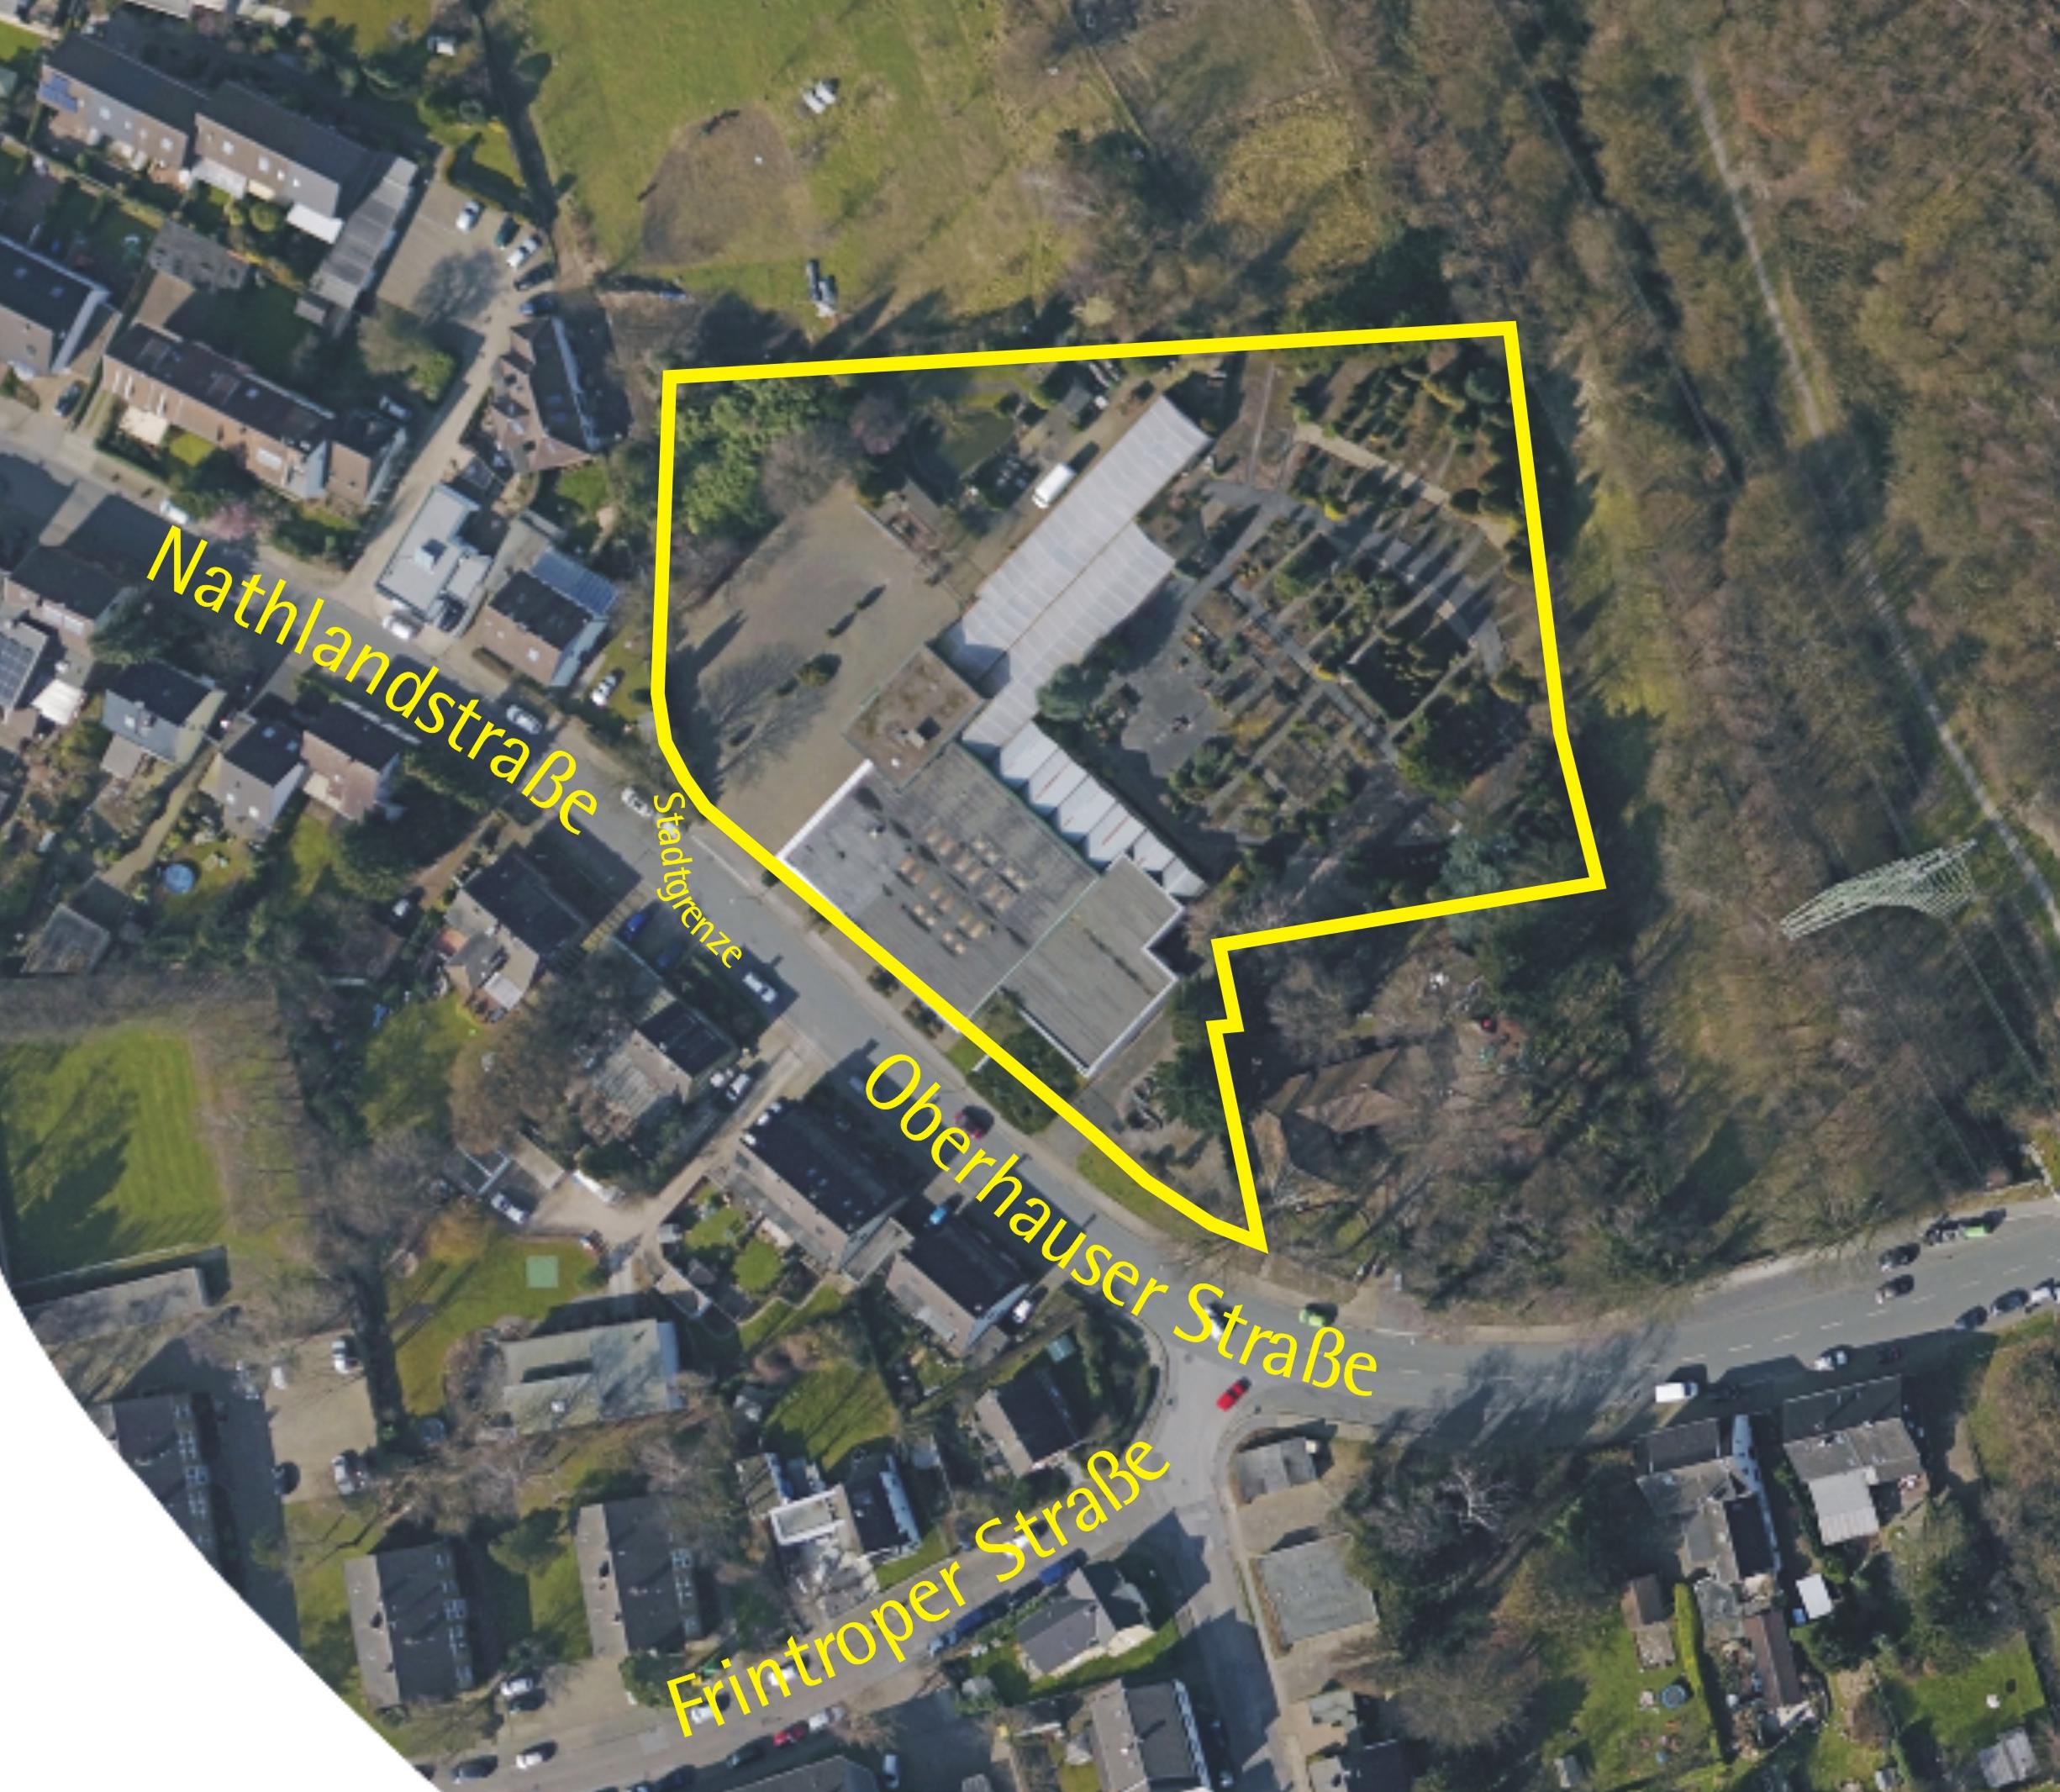 Luftbild: Oberhauser Str. 156 (ehemaliges Gartencenter)